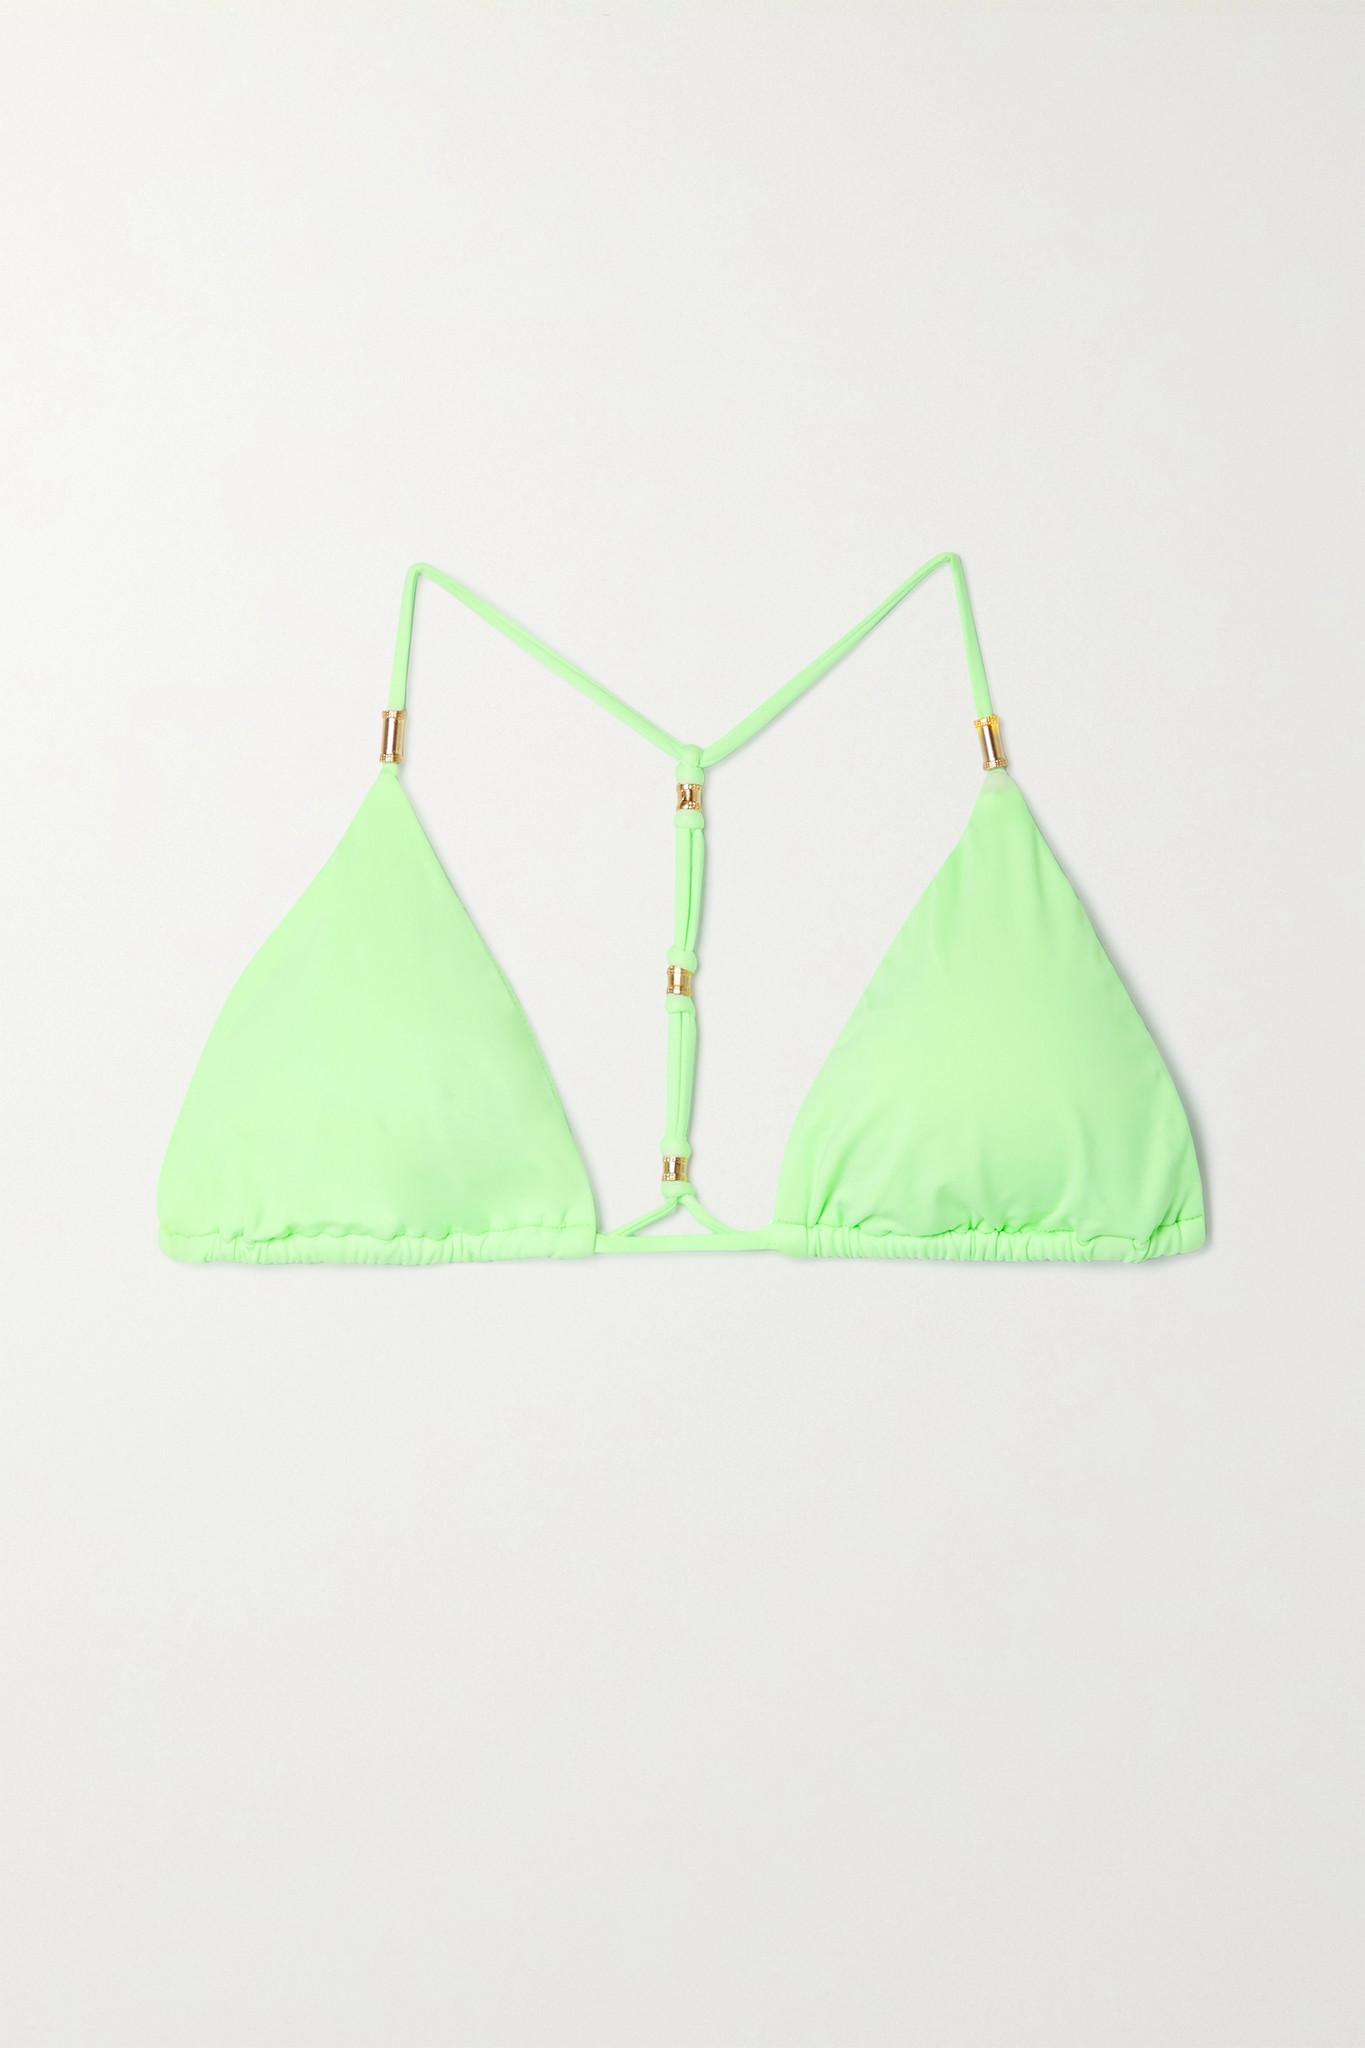 VIX - Shaye 三角比基尼上装 - 绿色 - small